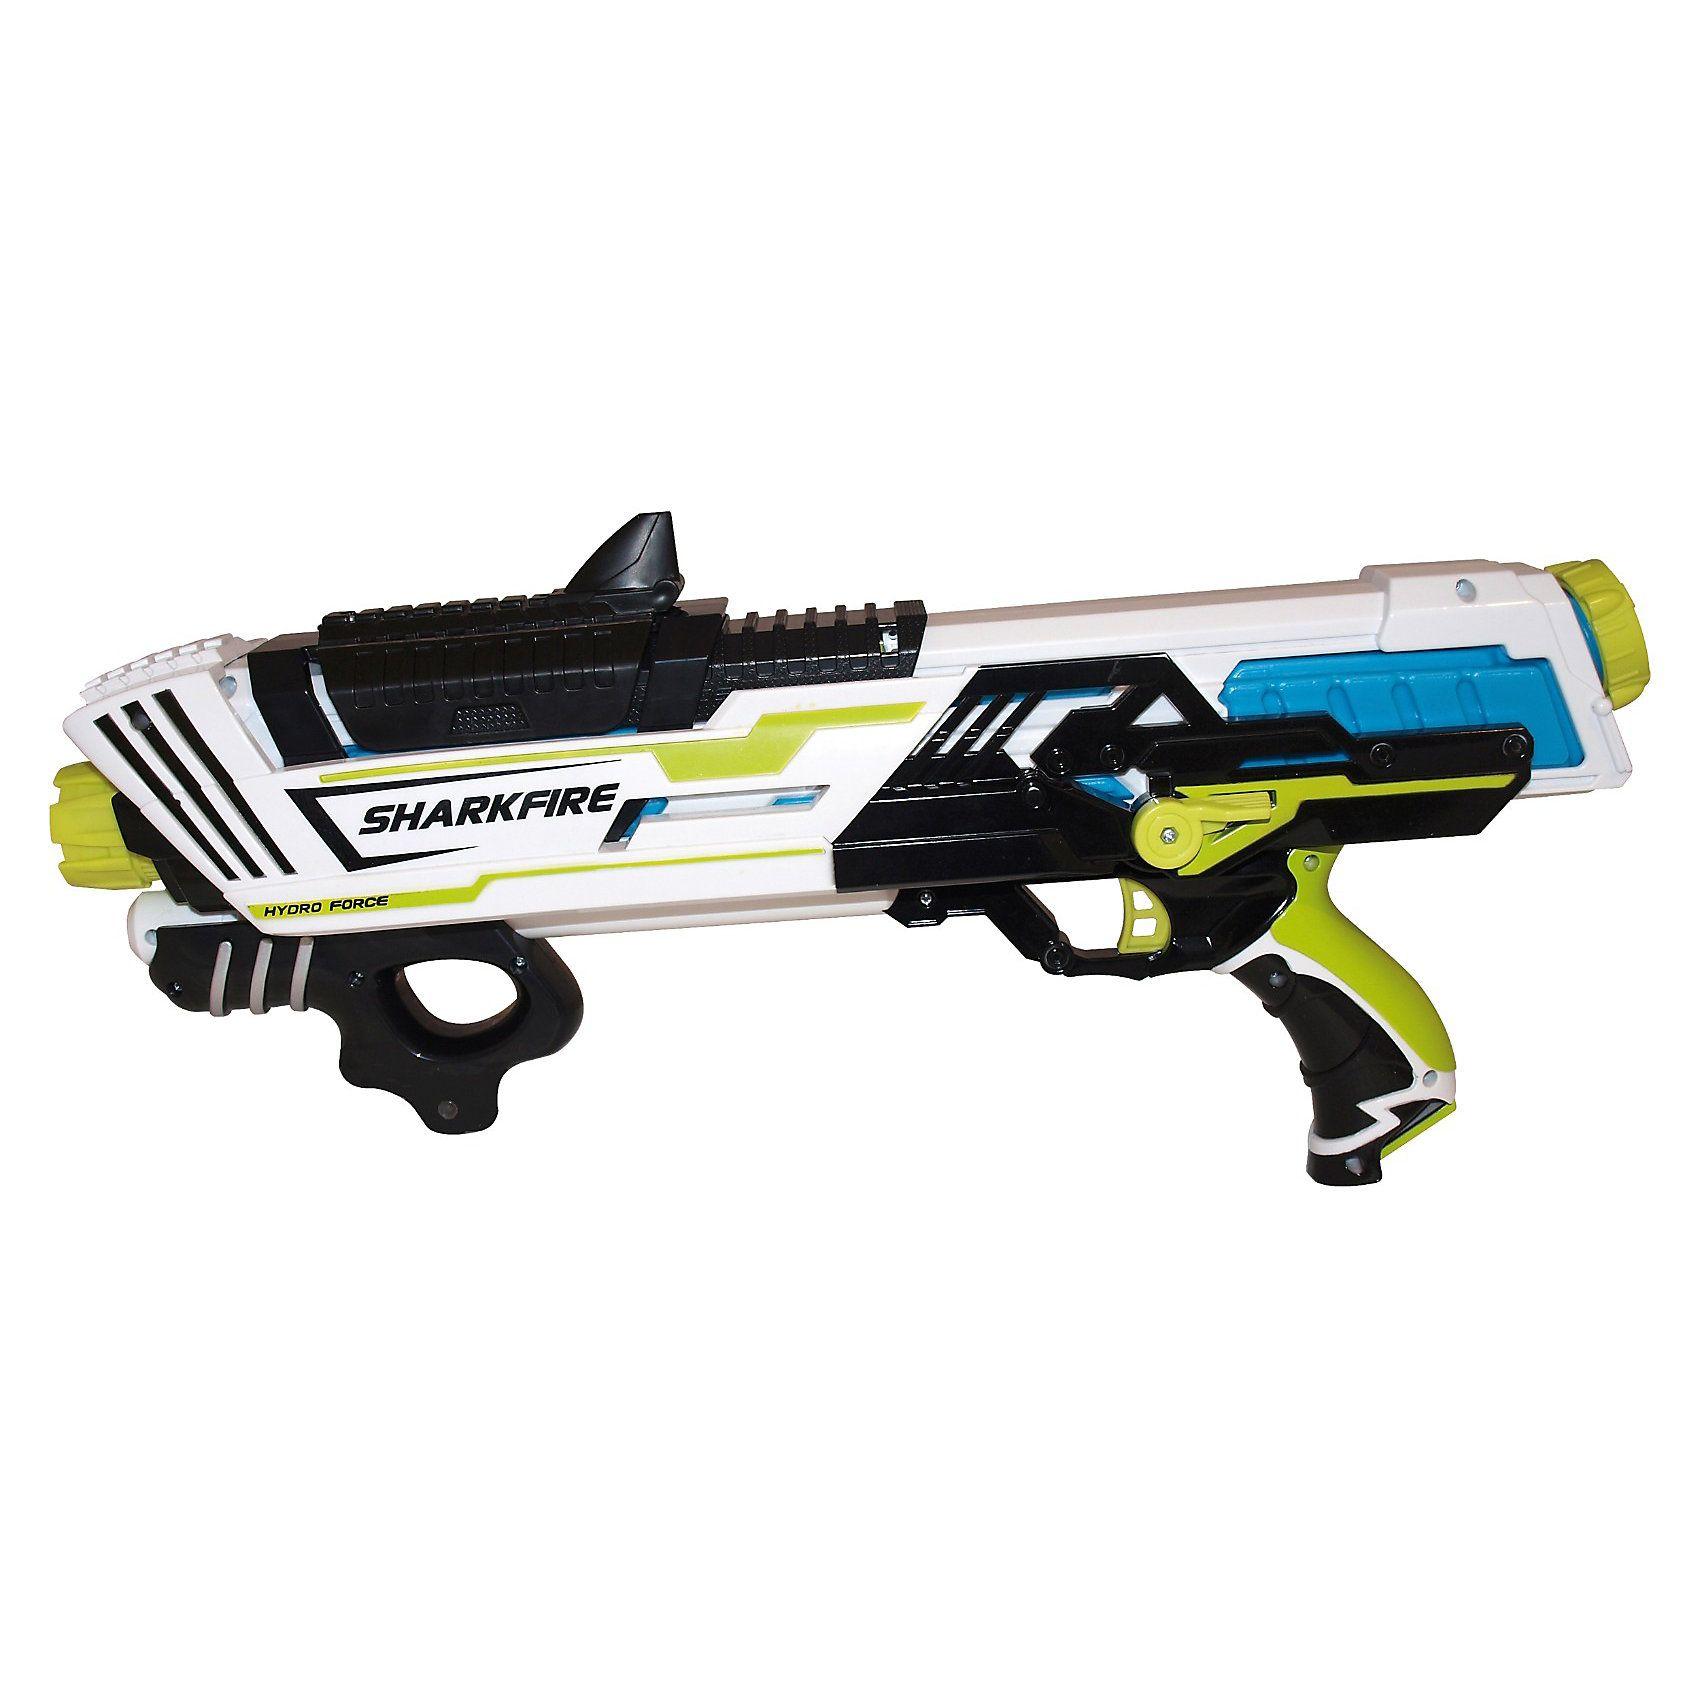 Hydro Force - Sharkfire von mytoys  http://www.meinspielzeug24.de/wasserpistolen/hydro-force-sharkfire-von-mytoys/   #Wasserpistolen